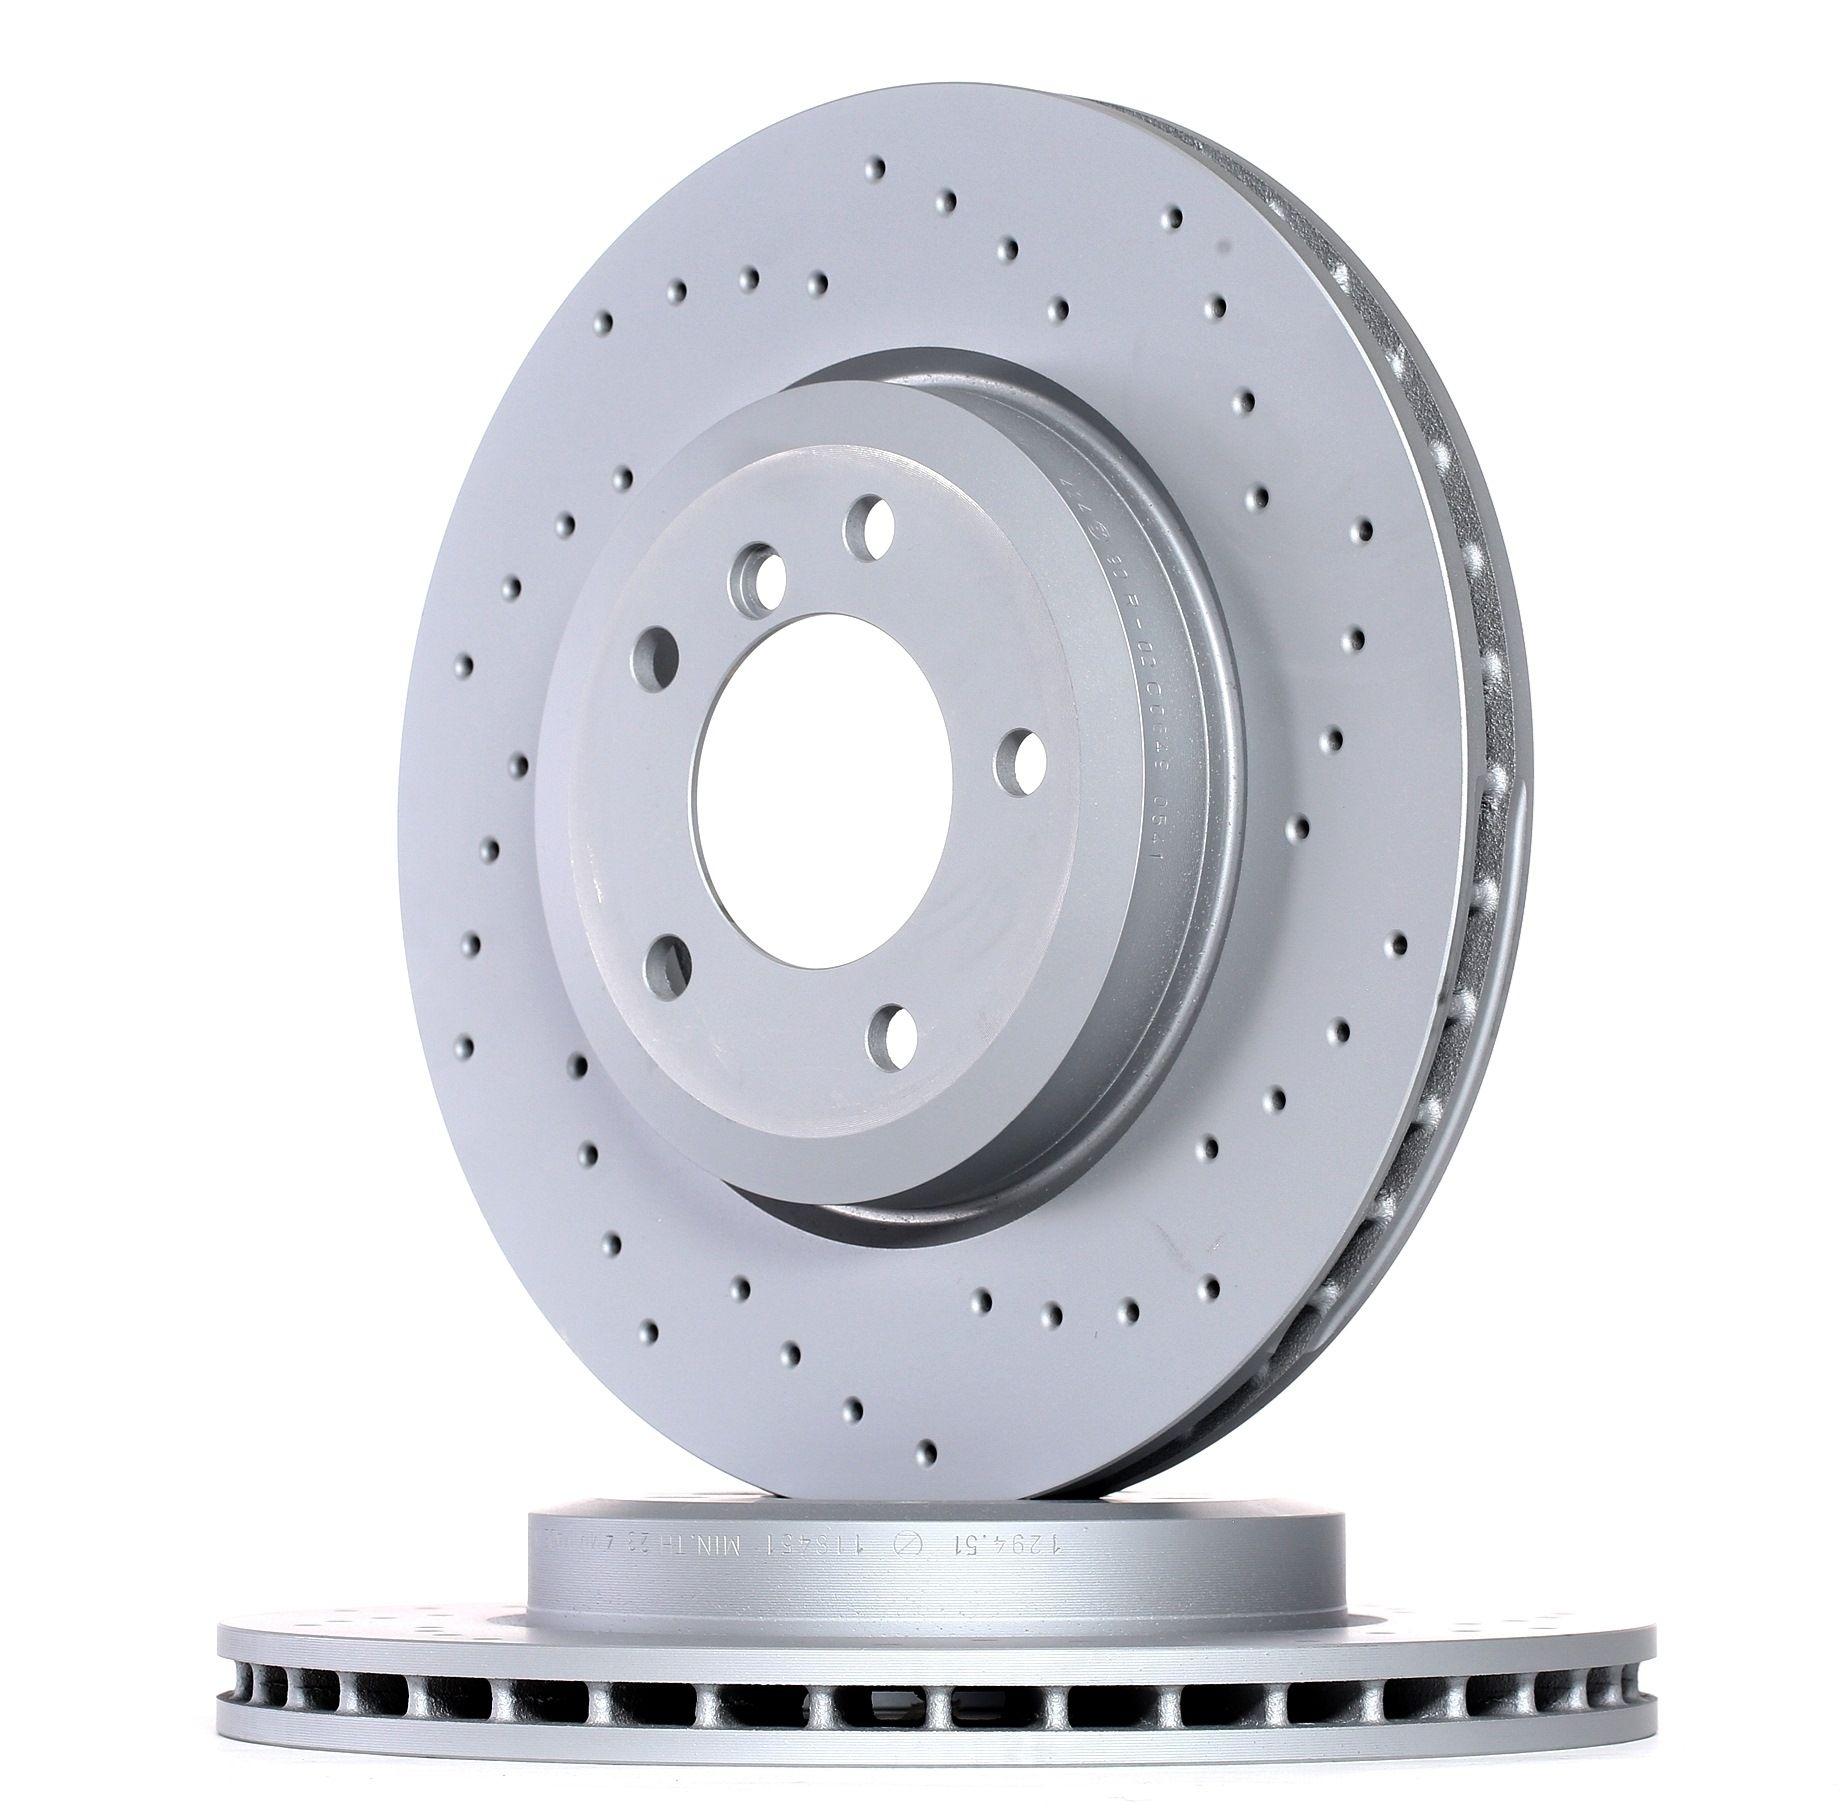 Origine Disque de frein ZIMMERMANN 150.1294.52 (Ø: 325mm, Jante: 5Trou, Épaisseur du disque de frein: 25mm)